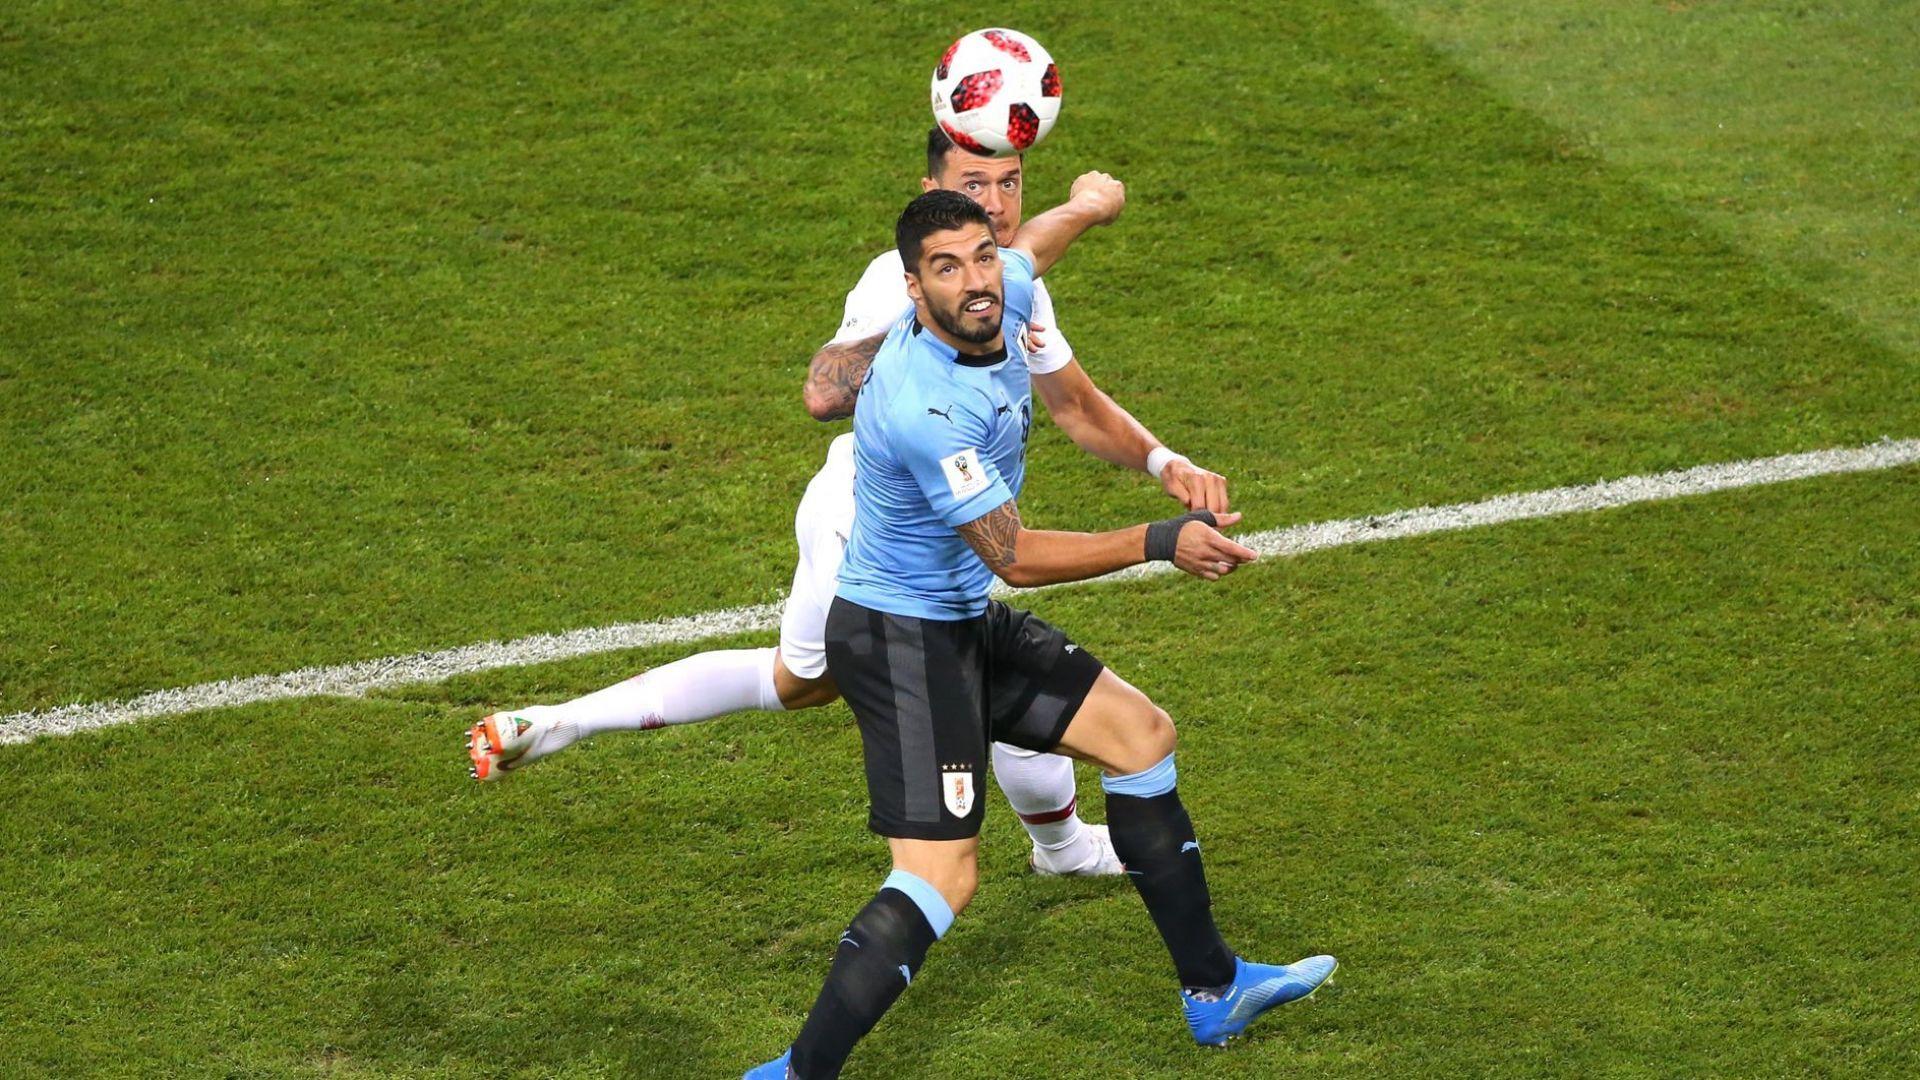 Уругвай - Португалия 2:1 (статистика)